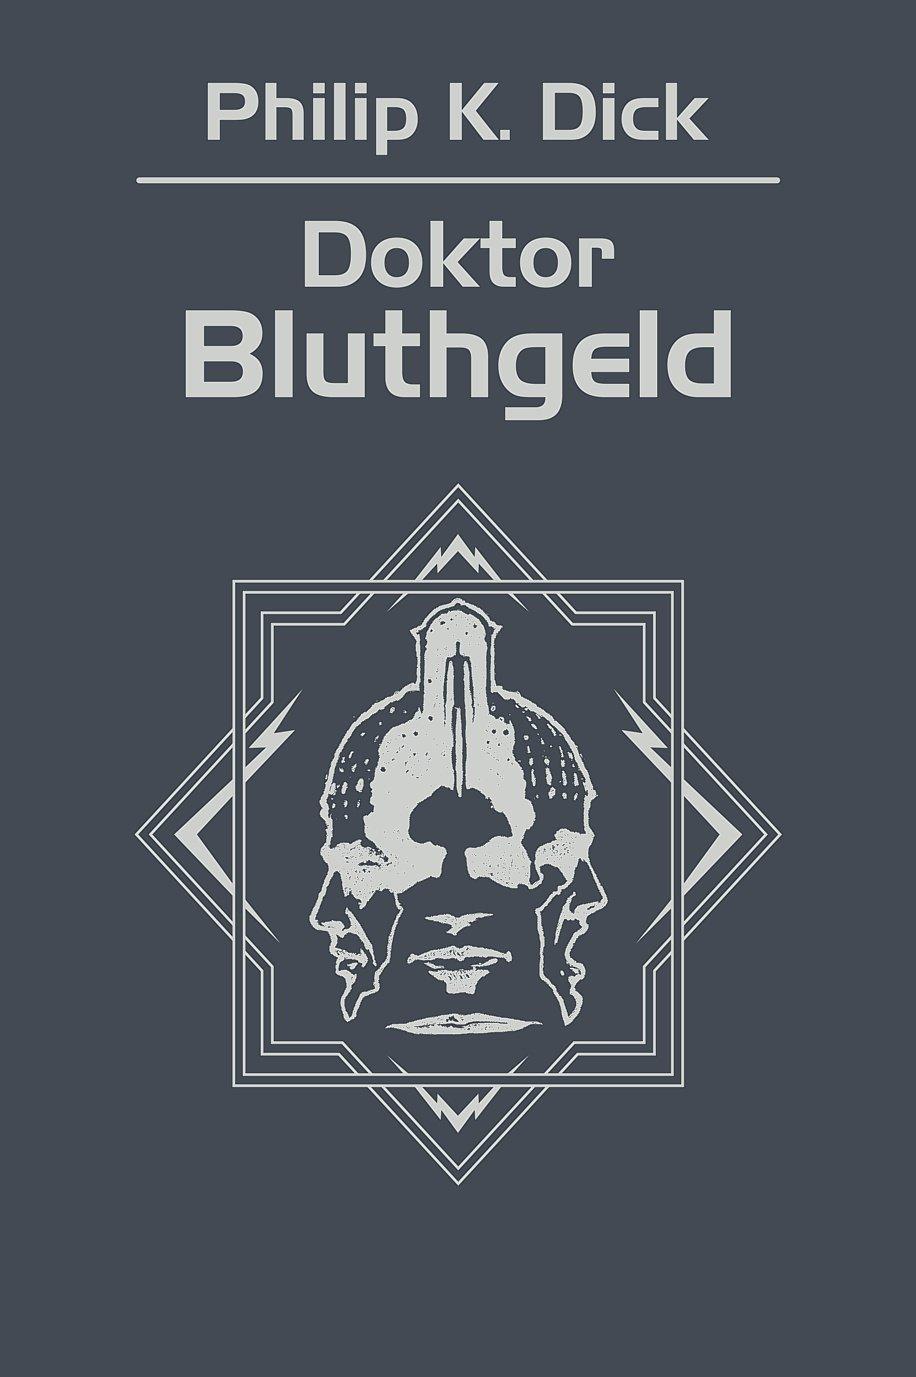 Doktor Bluthgeld - Ebook (Książka EPUB) do pobrania w formacie EPUB